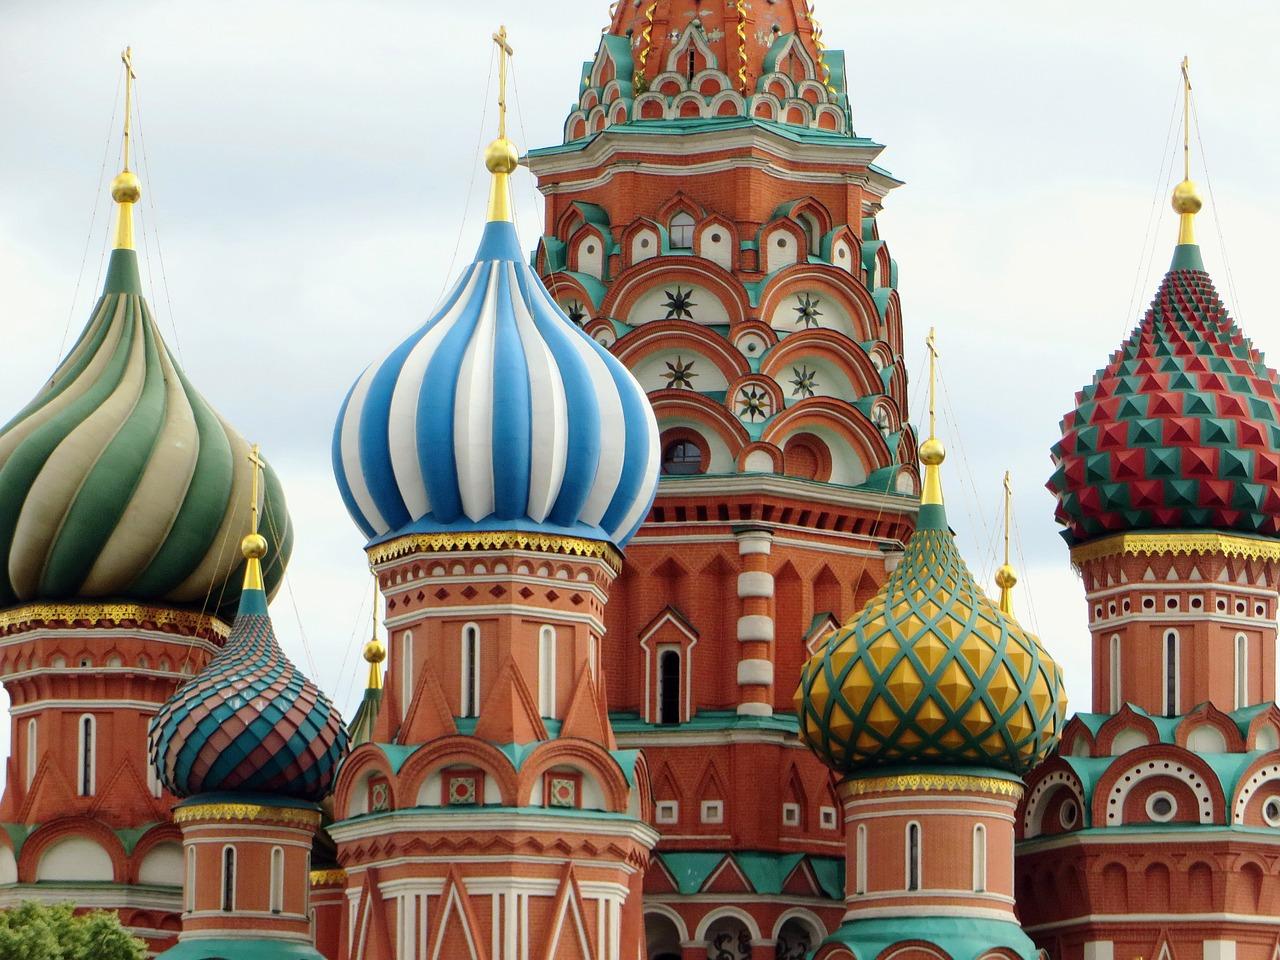 Catedrala Sfantul Vasile din Moscova111